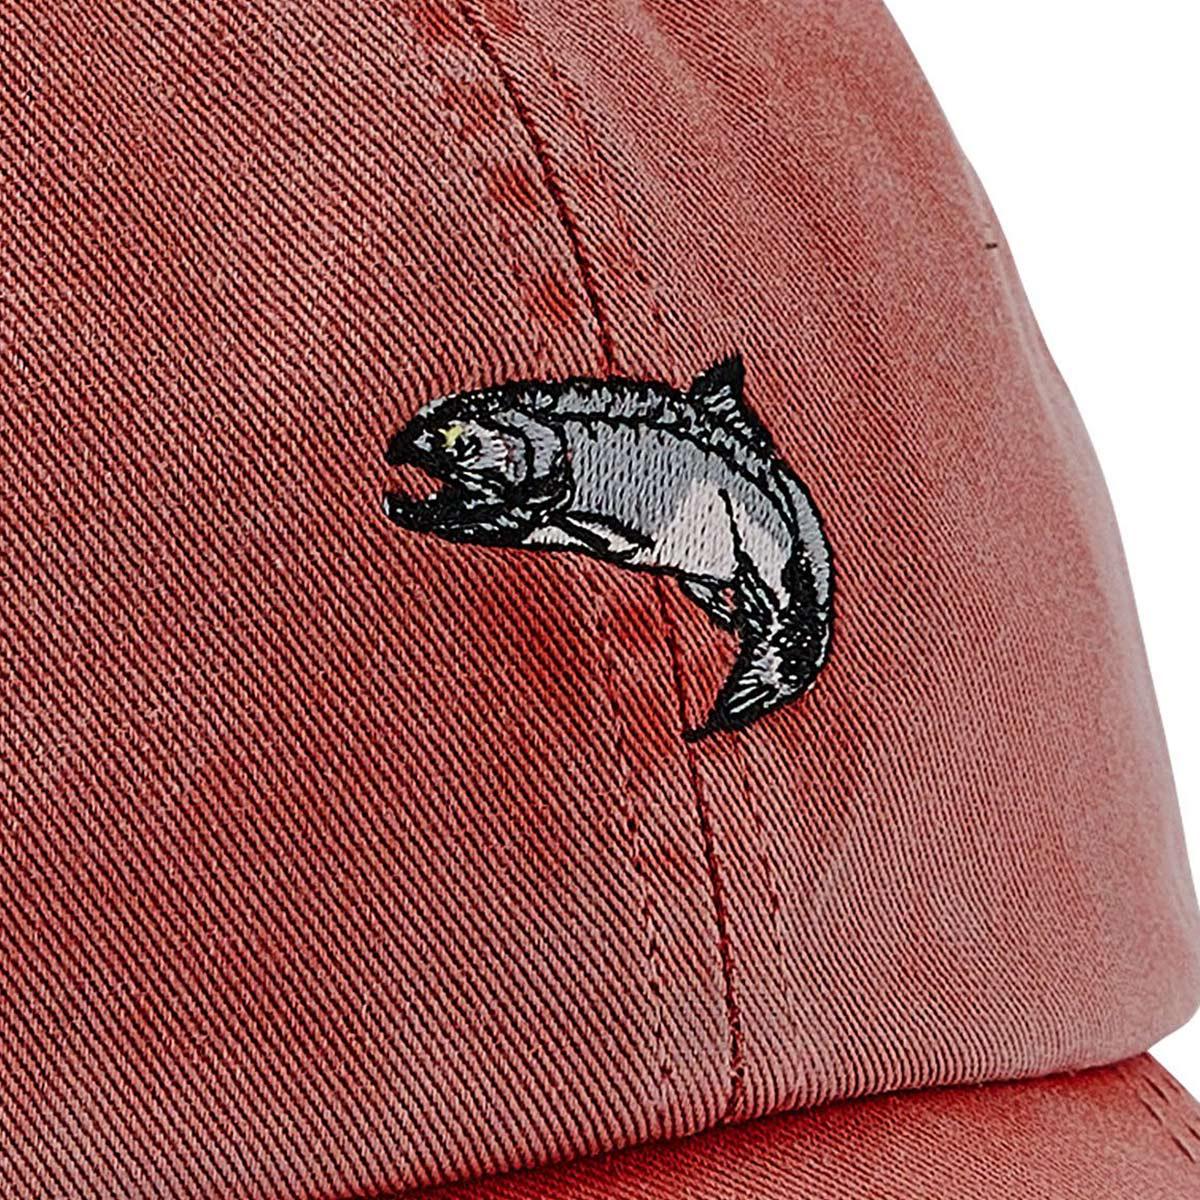 Filson Washed Low Profile Cap 20204530-Faded Red Salmon, Kappe mit einer stärker abgerundeten Kronenform die vor den Elementen schützt